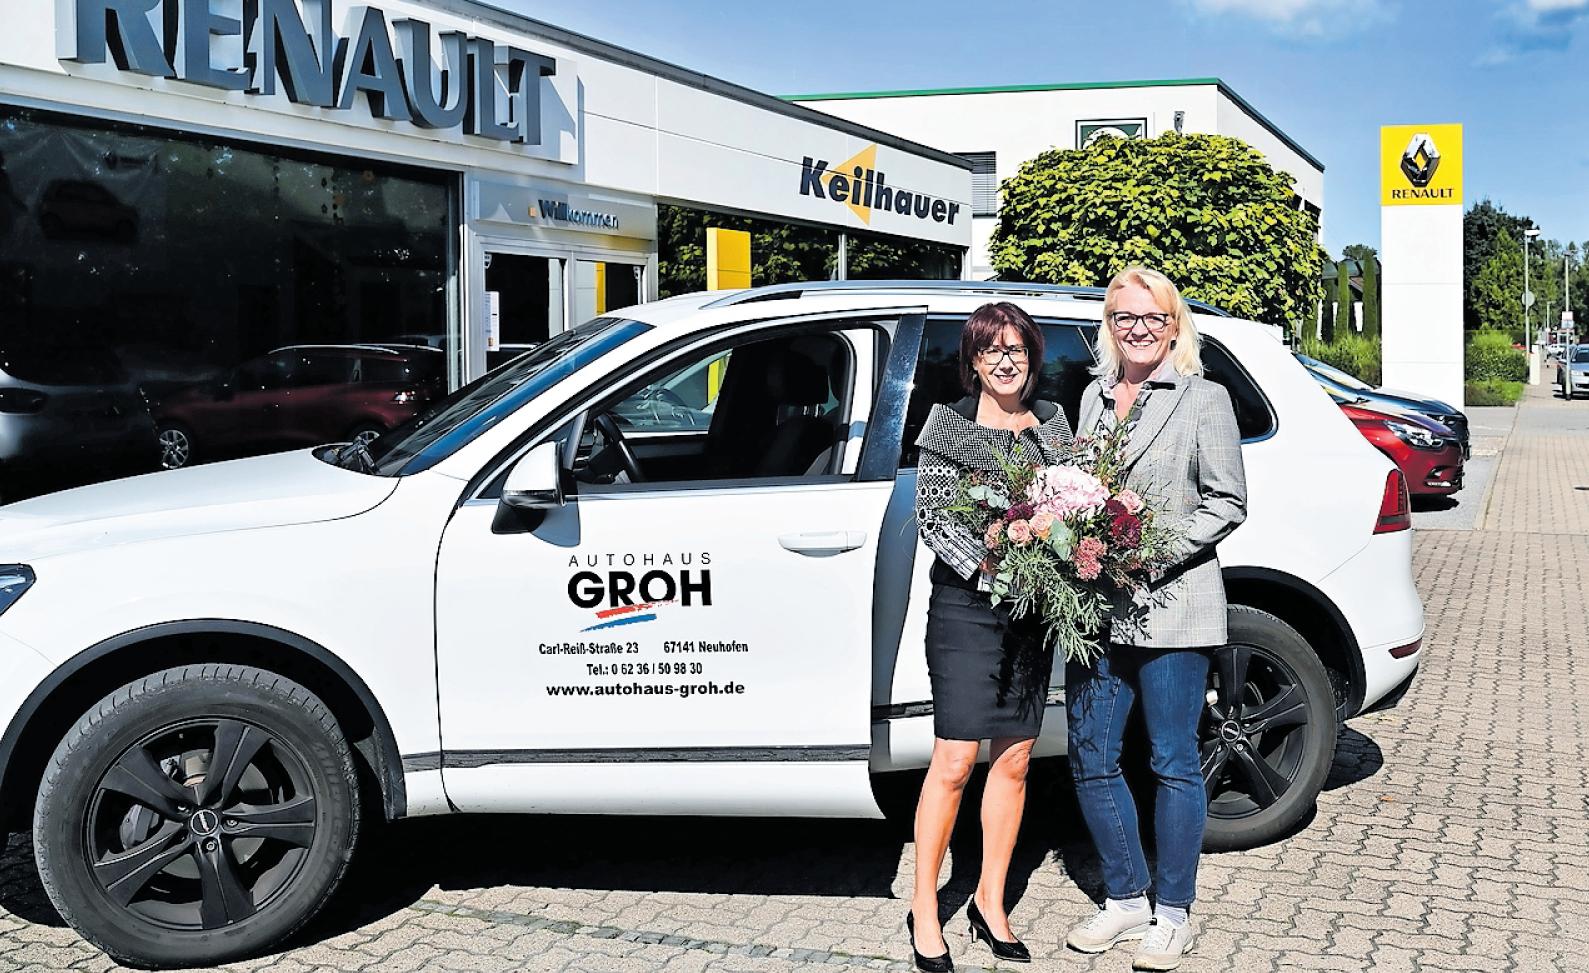 Renault Autohaus Groh in Neuhofen plant Schnellladesäulen für E-Mobilität